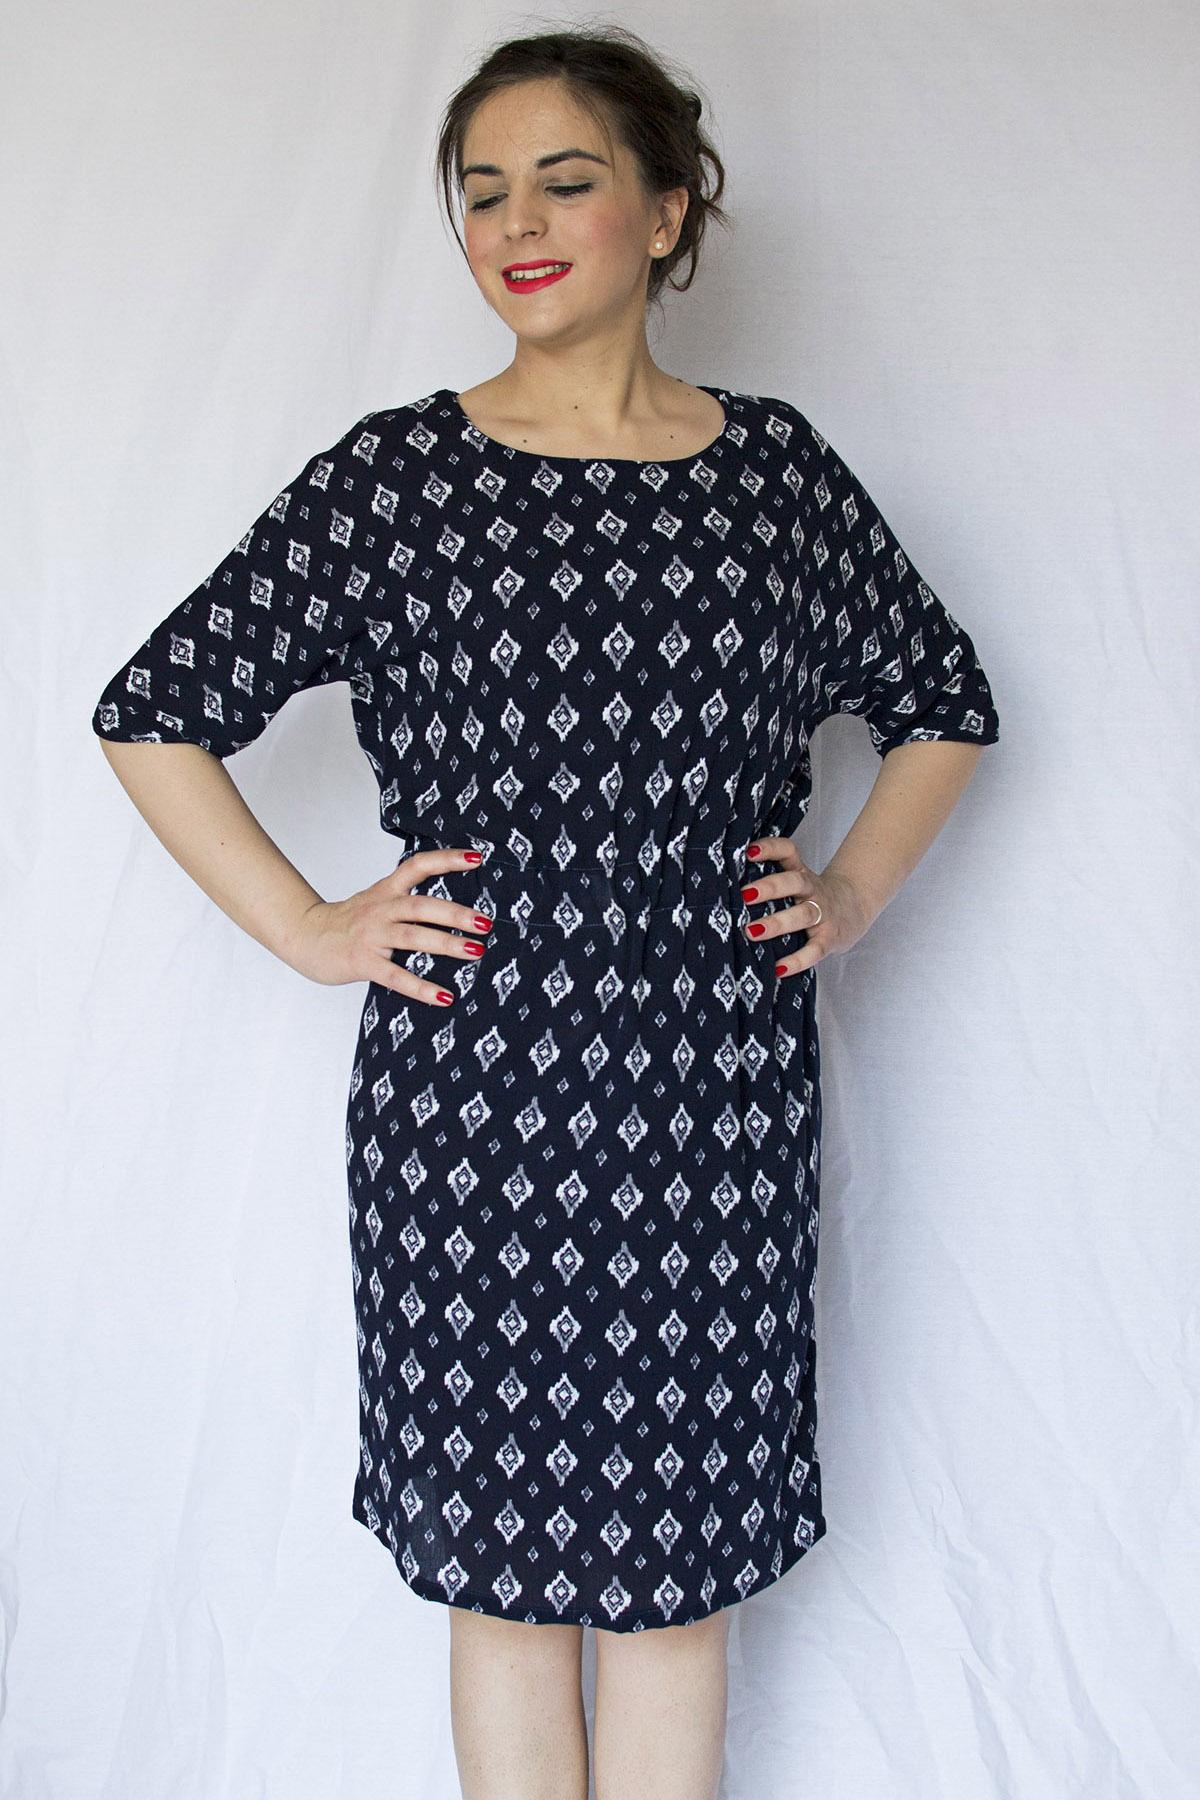 The Sheath Dress by the Avid Seamstress